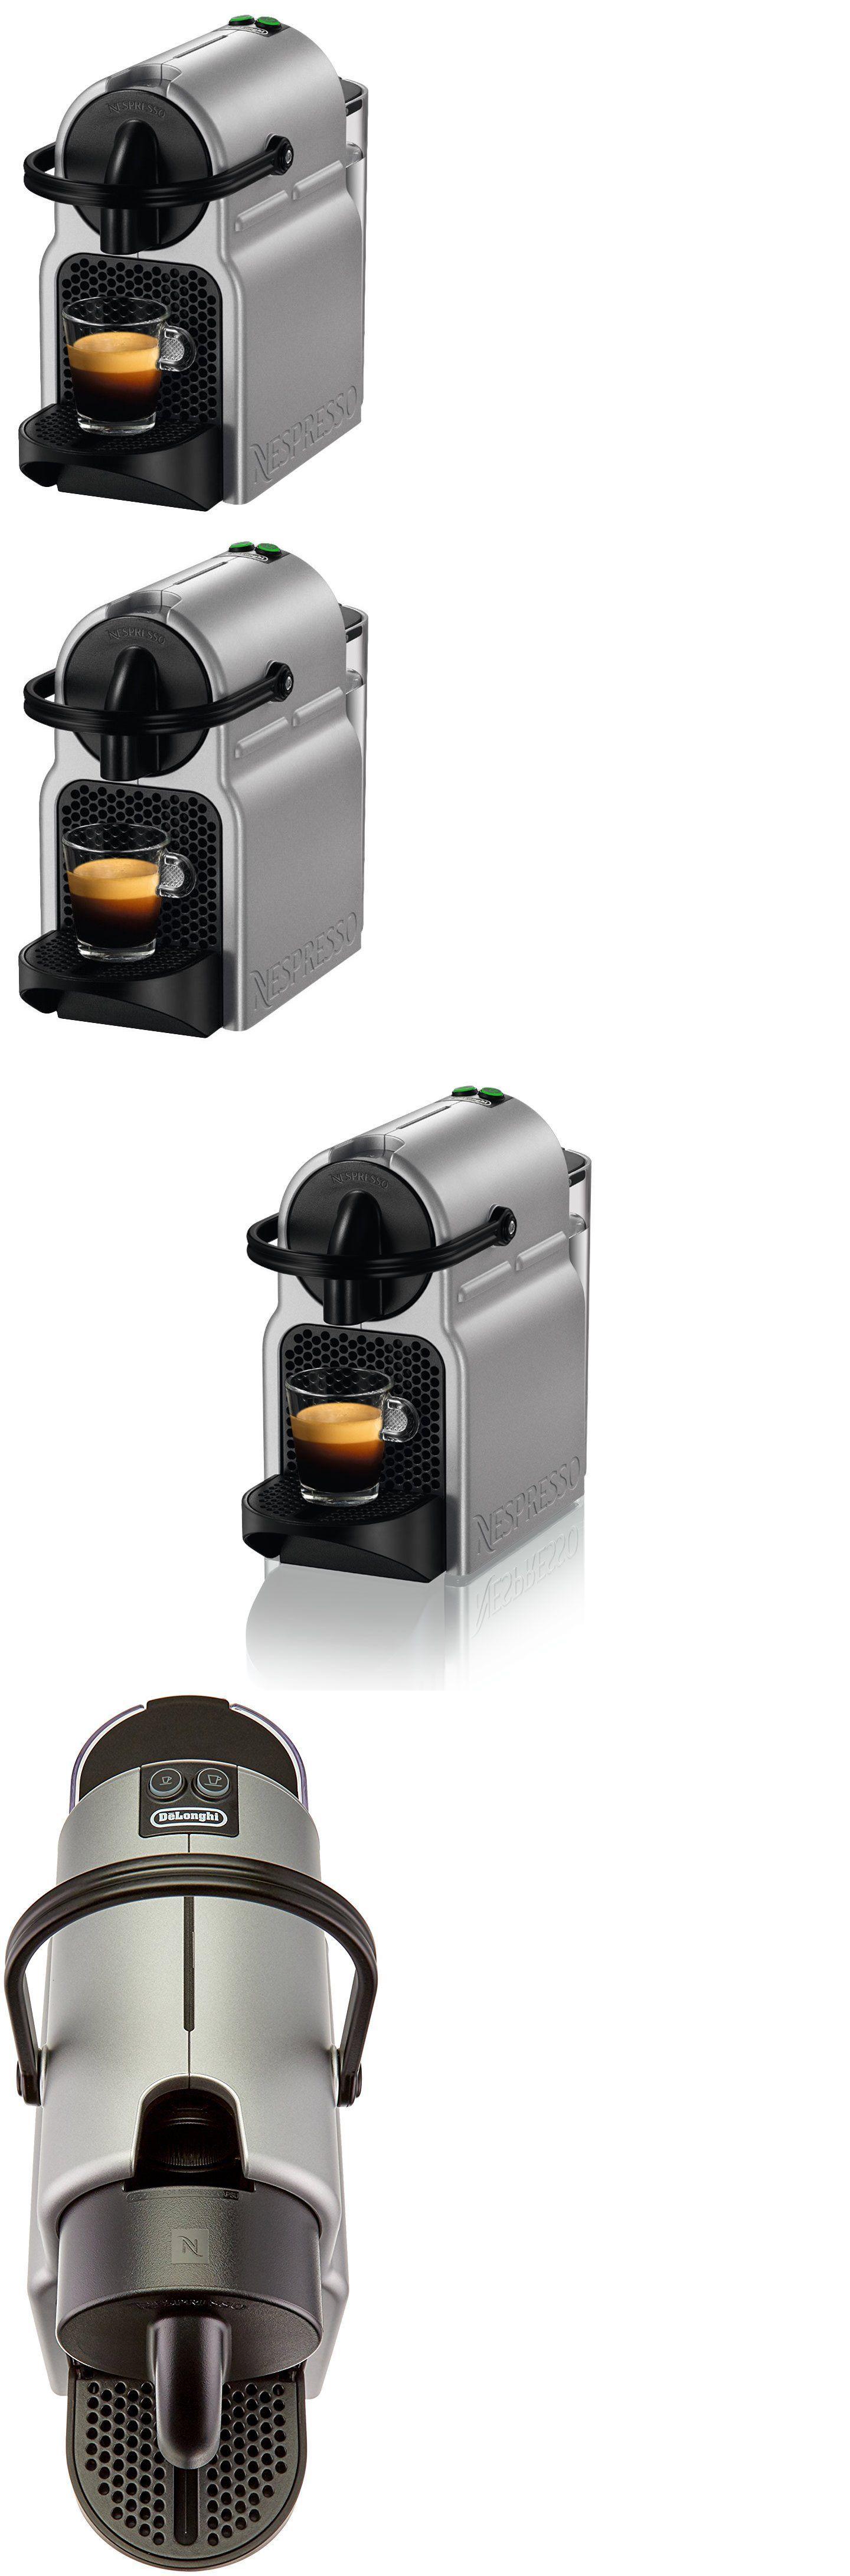 Espresso And Cappuccino Machines 38252 Nespresso Inissia En80S Espresso Machine